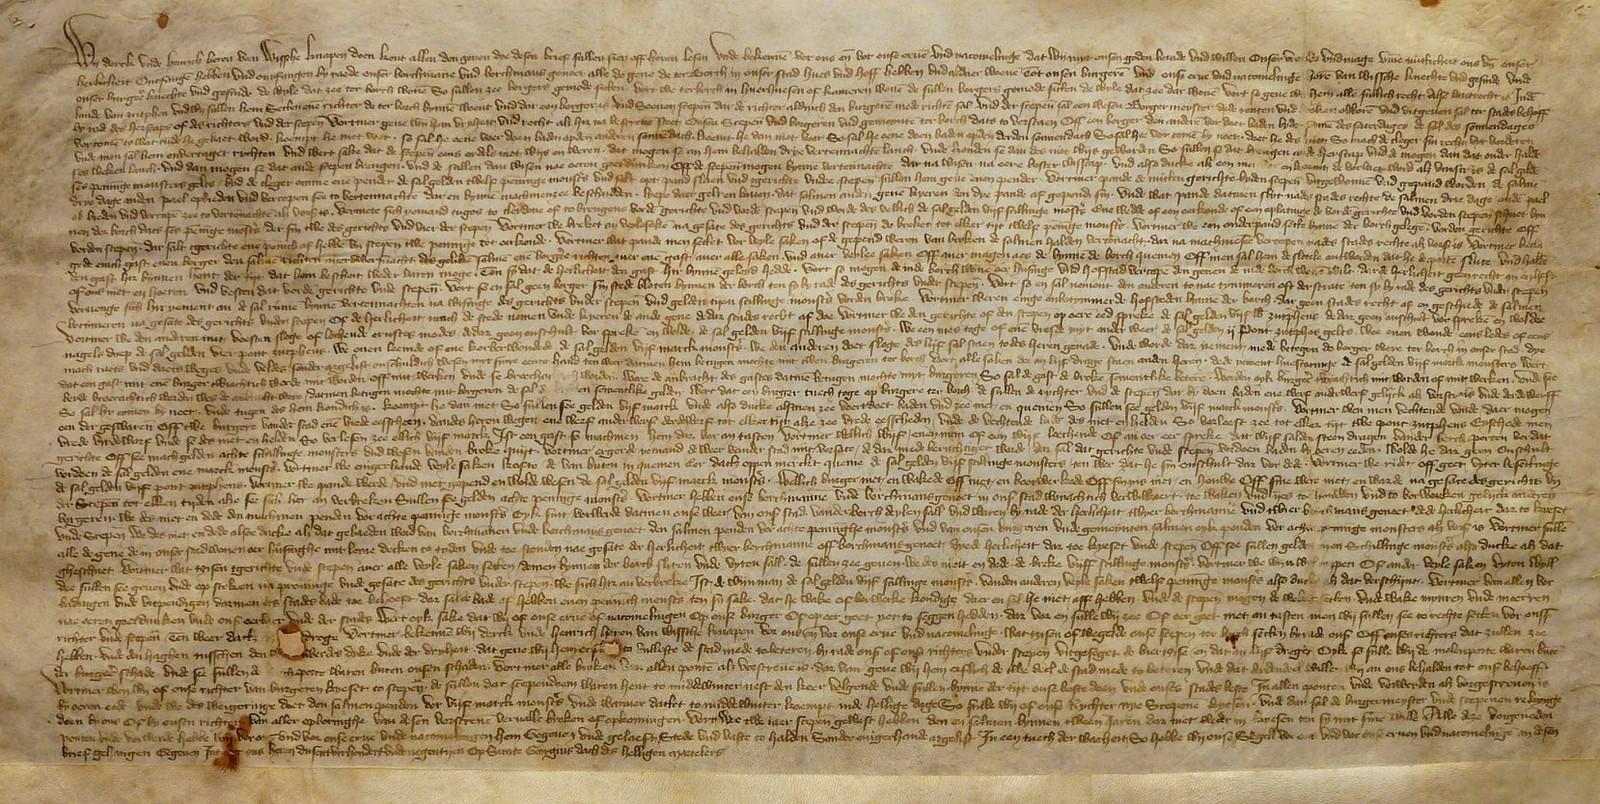 Het originele document met de stadsrechten van Terborg wordt bewaard bij het Erfgoedcentrum Achterhoek en Liemers in Doetinchem.